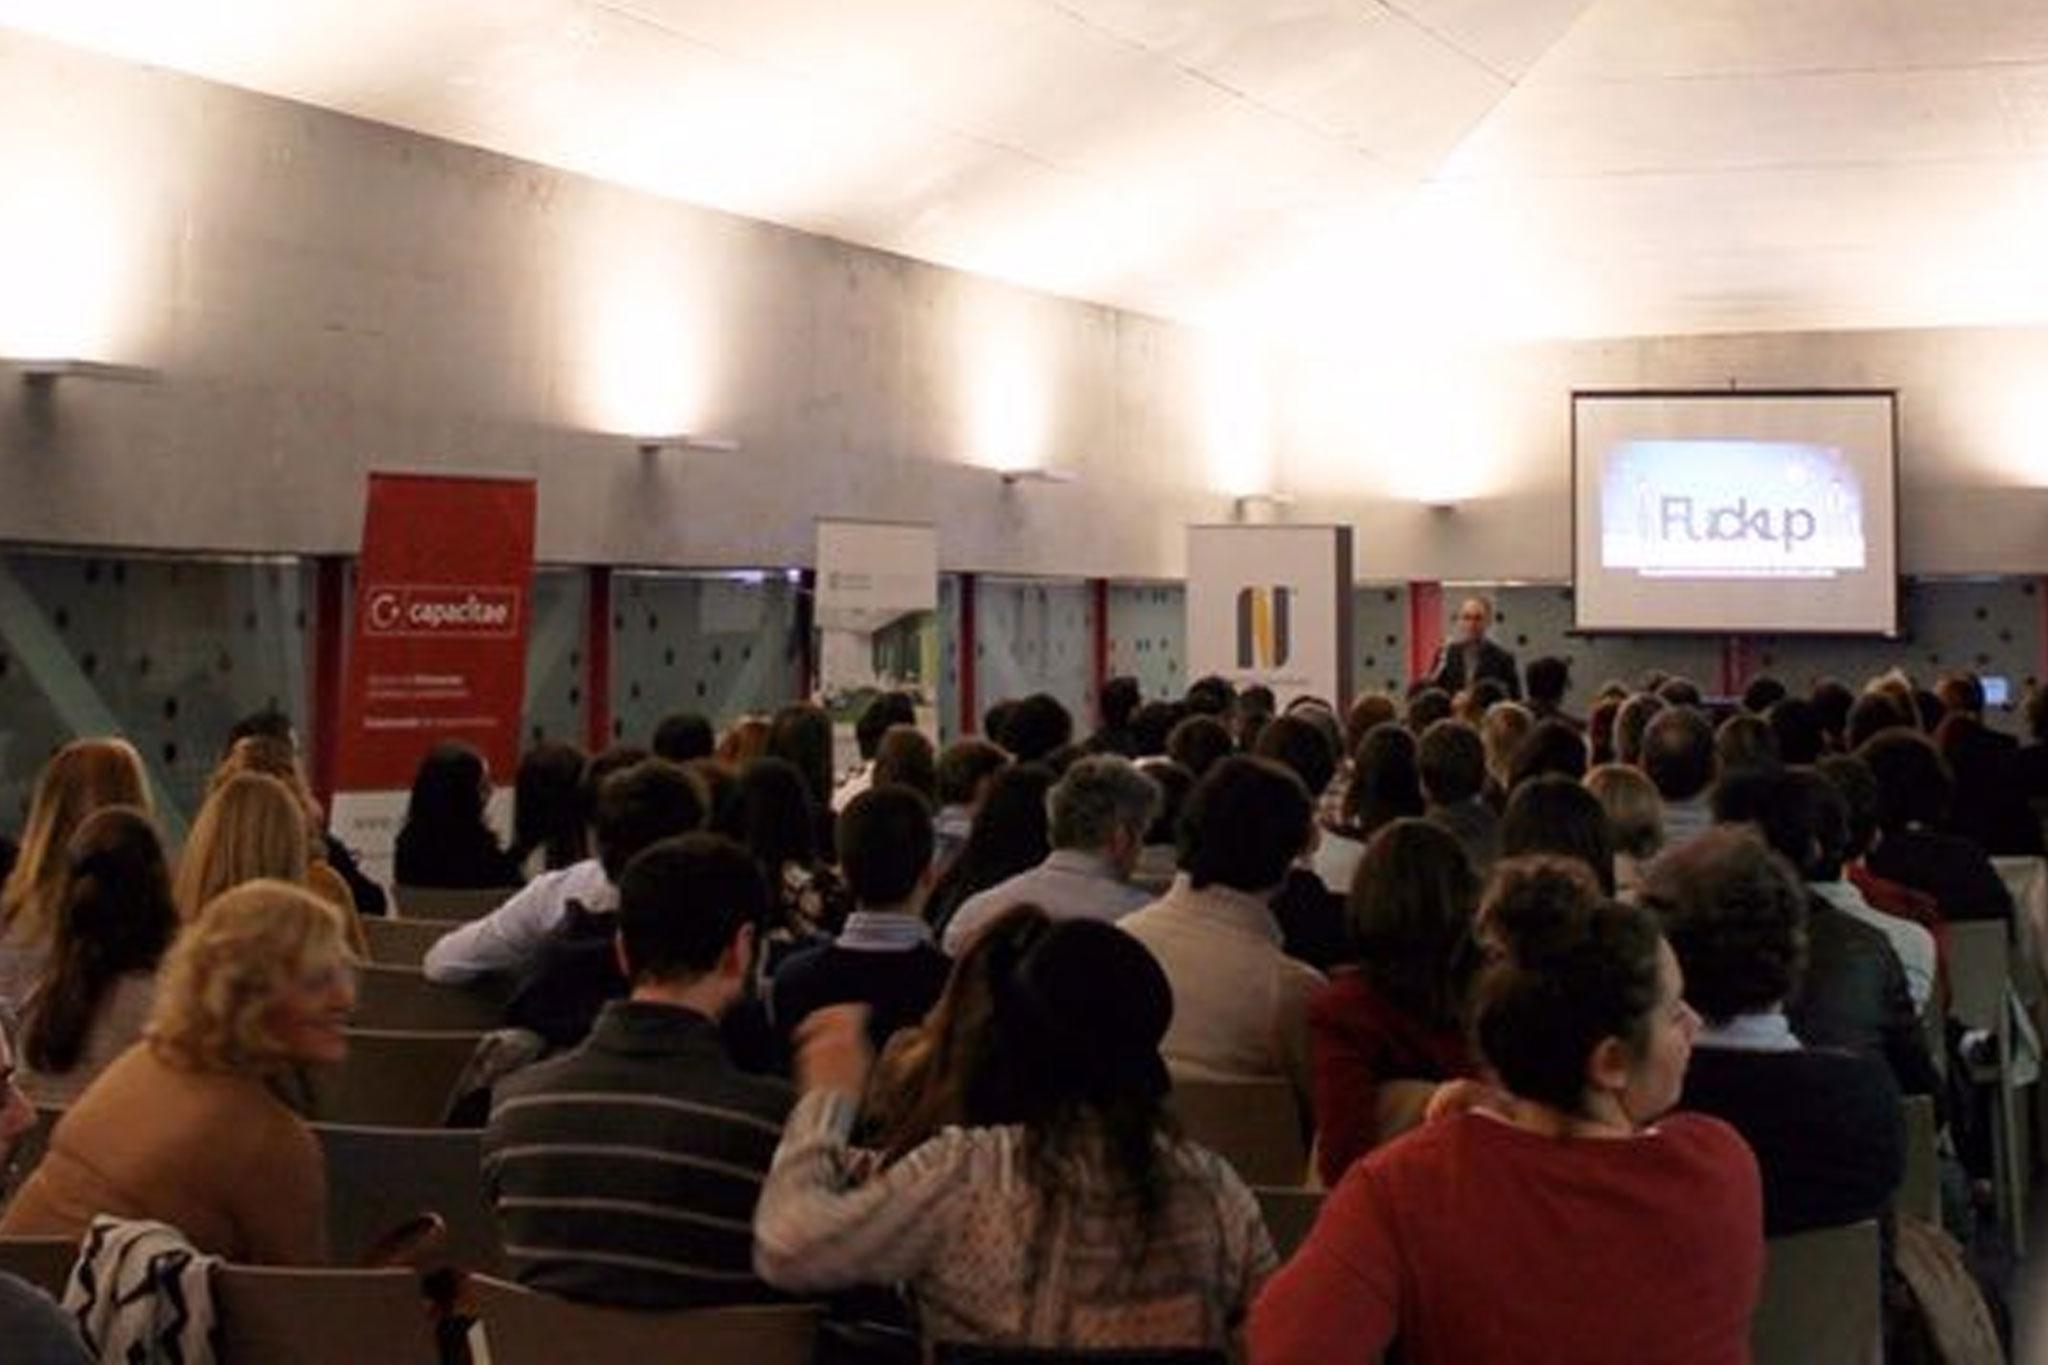 Fuckup Night organizada el 22 de octubre de 2015 en el CTR de La Rioja